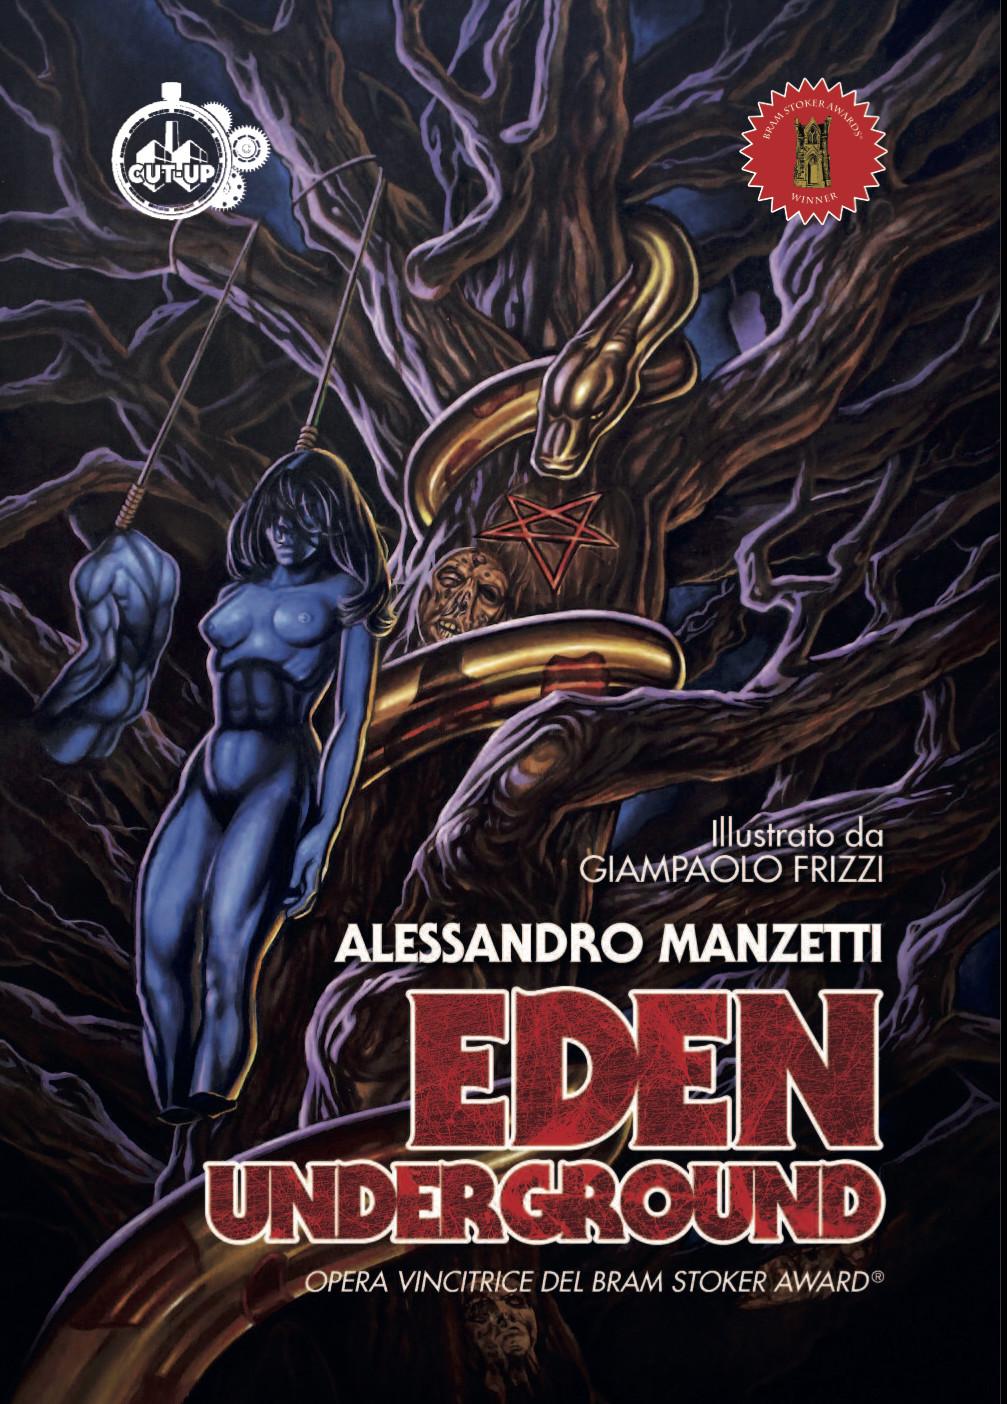 """""""EDEN UNDERGROUND"""" di Alessandro Manzetti, disegni di Giampaolo Frizzi - SPEDIZIONE GRATUITA"""